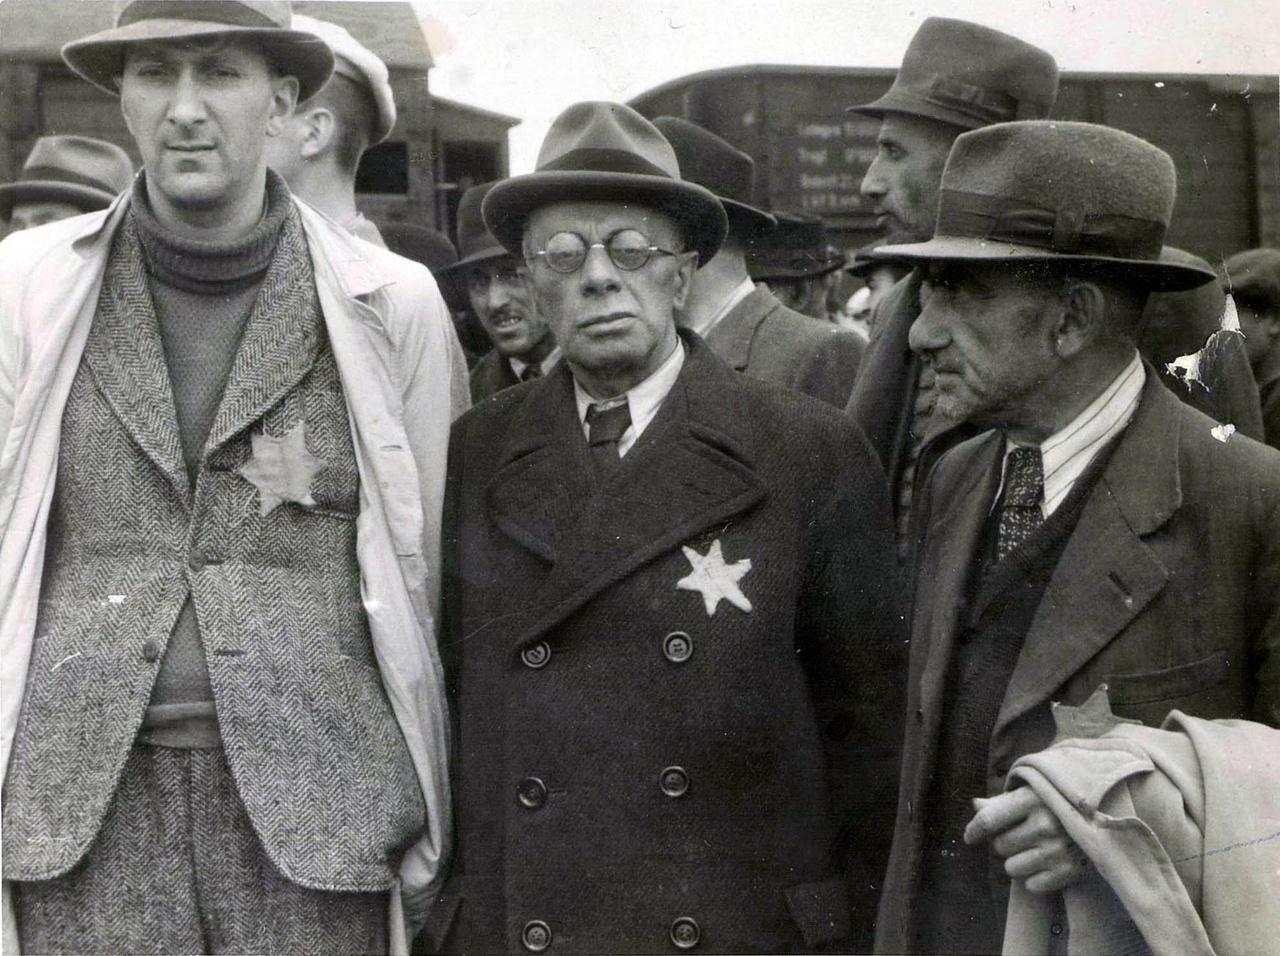 Az Auschwitz-album magyar kiadásában néhány embert azonosítottak a fotókról. Itt balról jobbra: Kalos Zoltán, akinek a felesége élte túl a tábort, ő maga nem; Hegedűs Henrich, ügyvéd, szintén meghalt; Dr. Lázár. (Fenyves Katalin – Kőbányai János: Az Auschwitz-album, ha magyar)